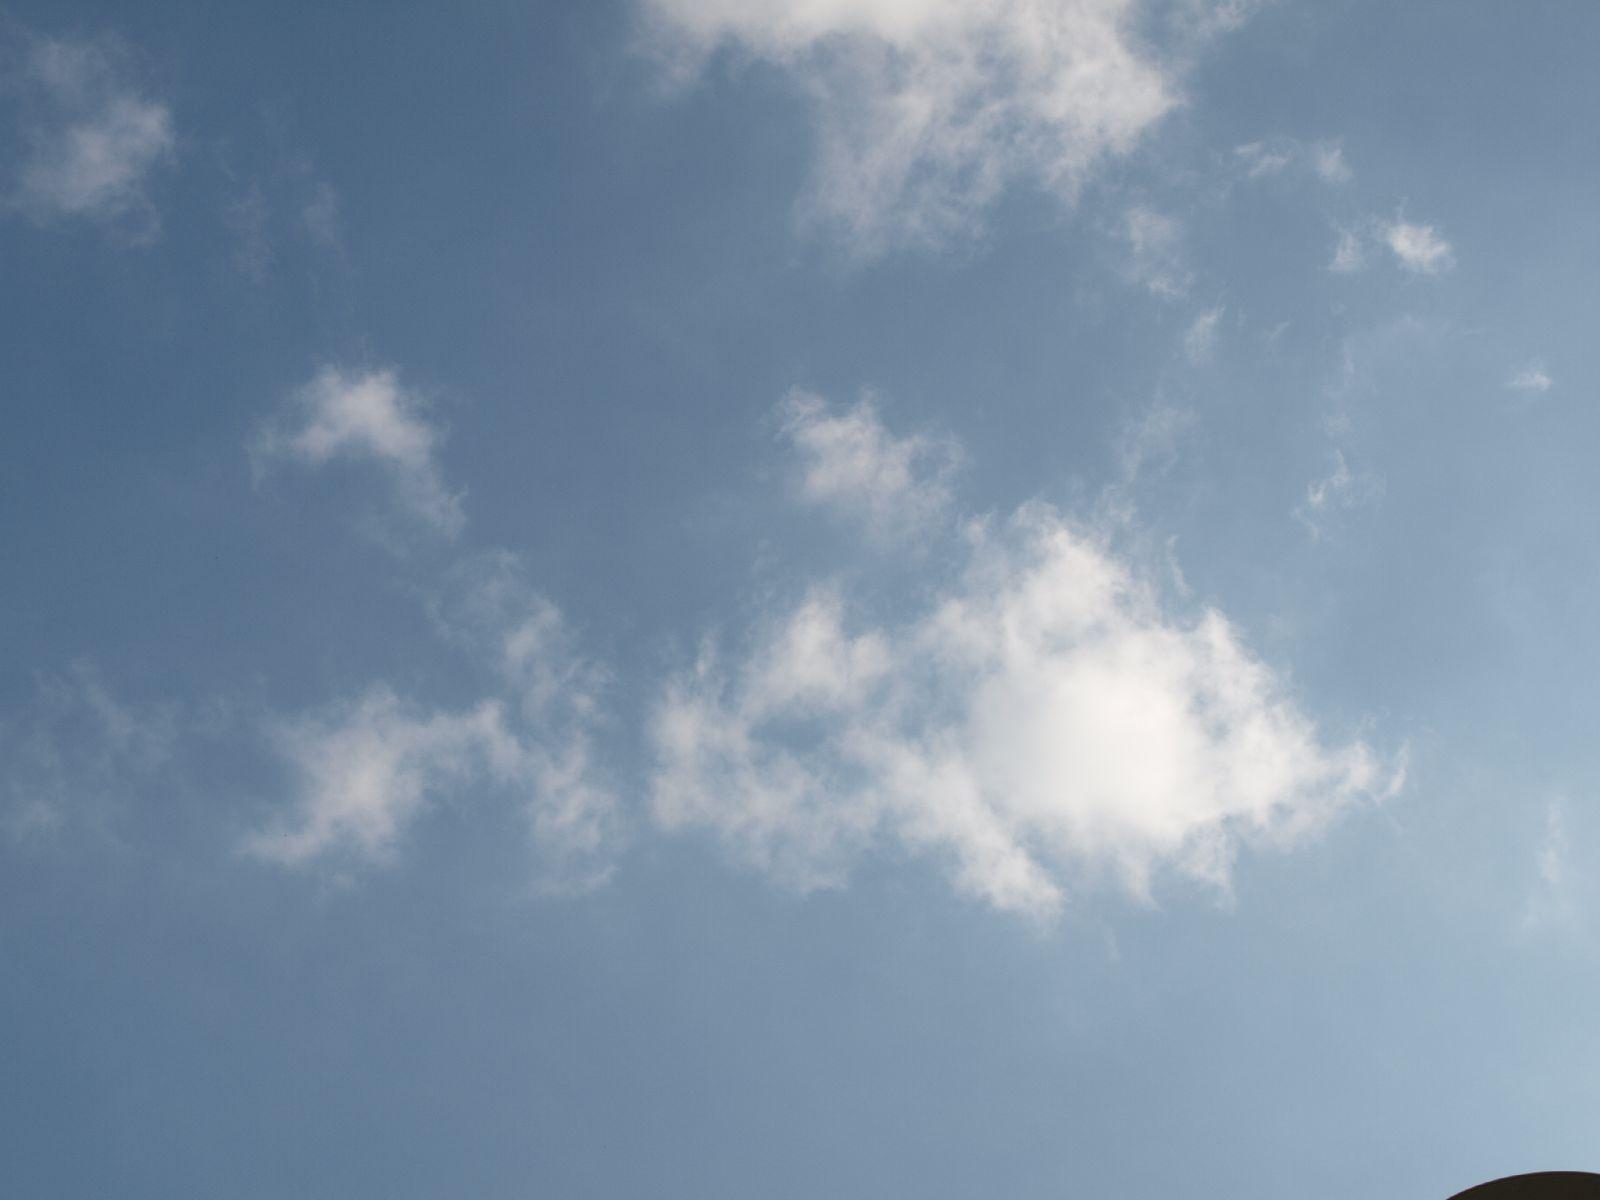 Himmel-Wolken-Foto_Textur_A_P9205295